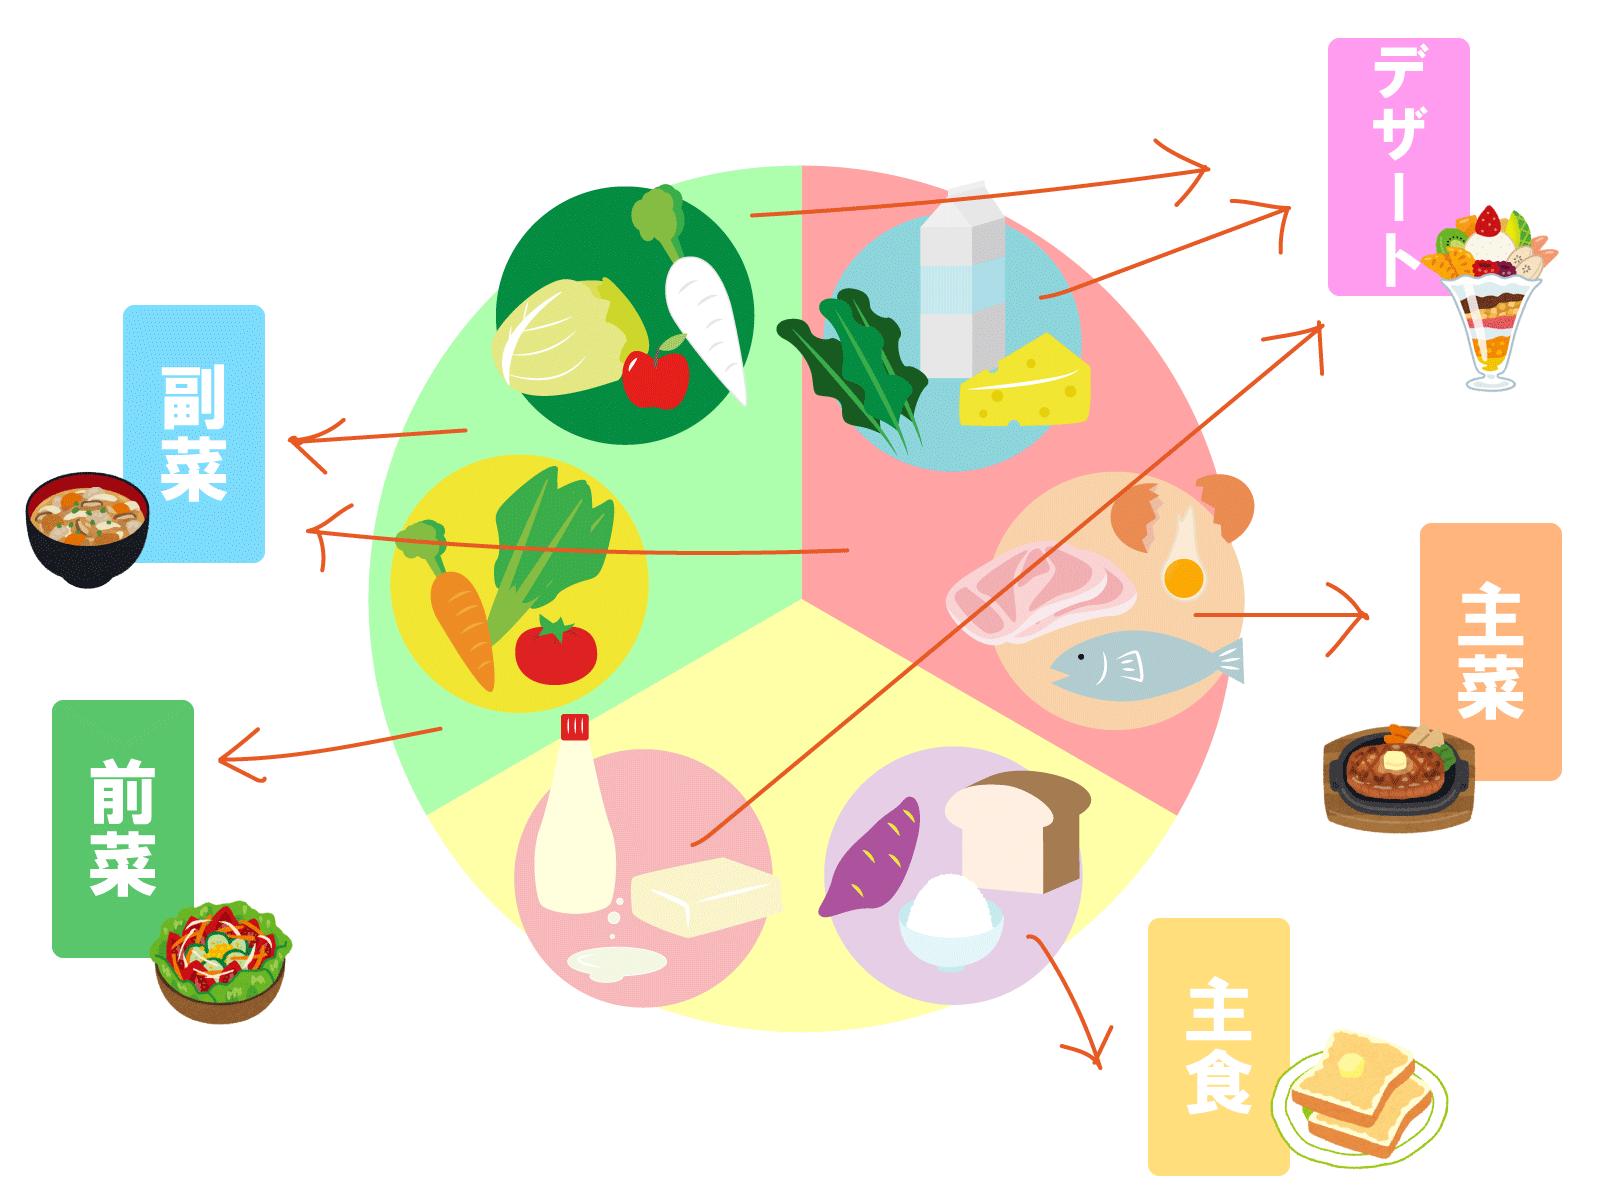 英語の品詞と文の成分を栄養素と料理で表した図